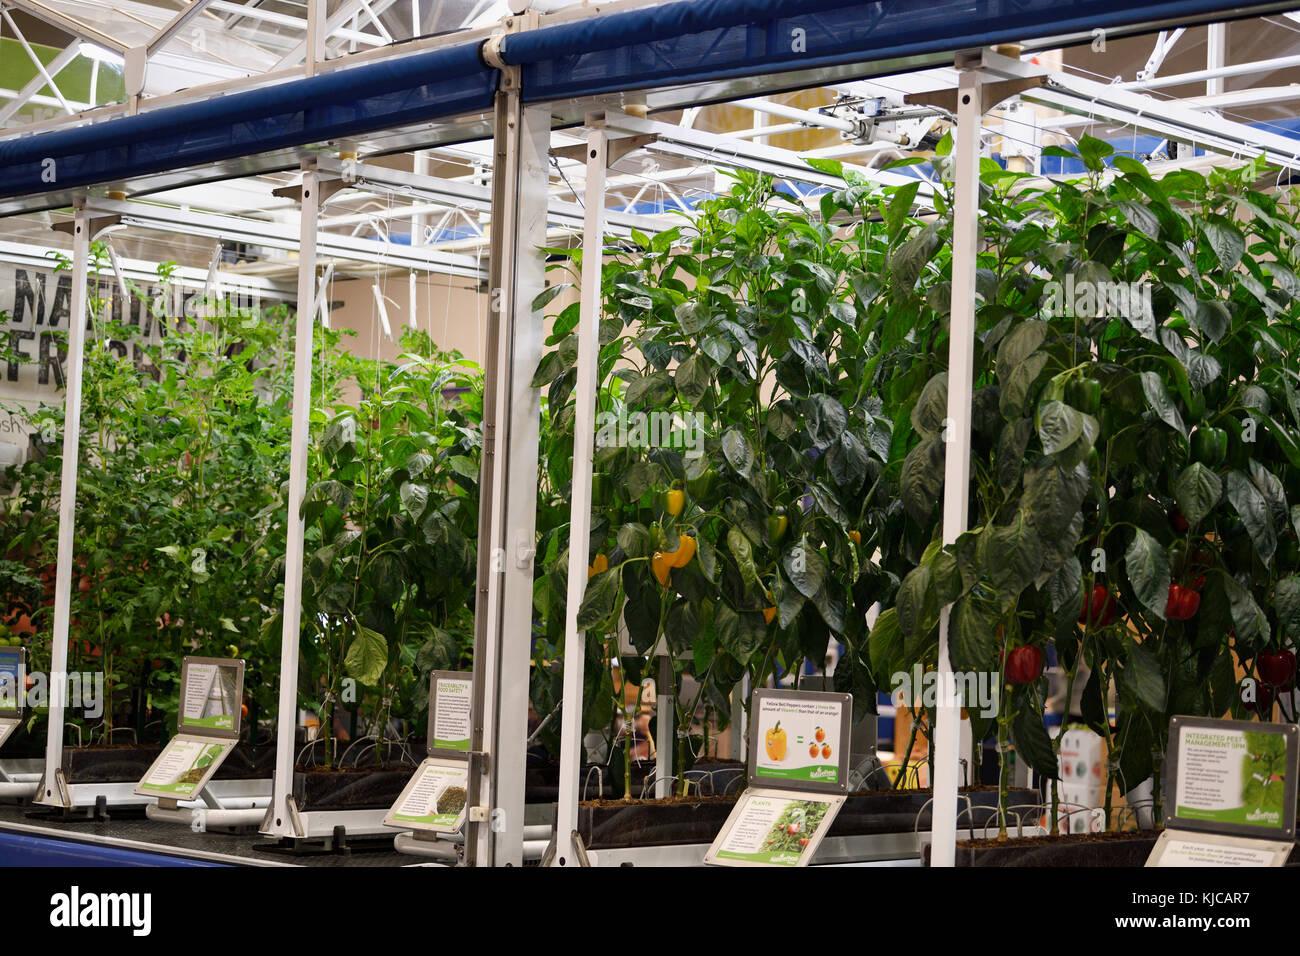 Hydroponisch Pfeffer Und Tomaten Pflanzen In Einem Gewachshaus Am